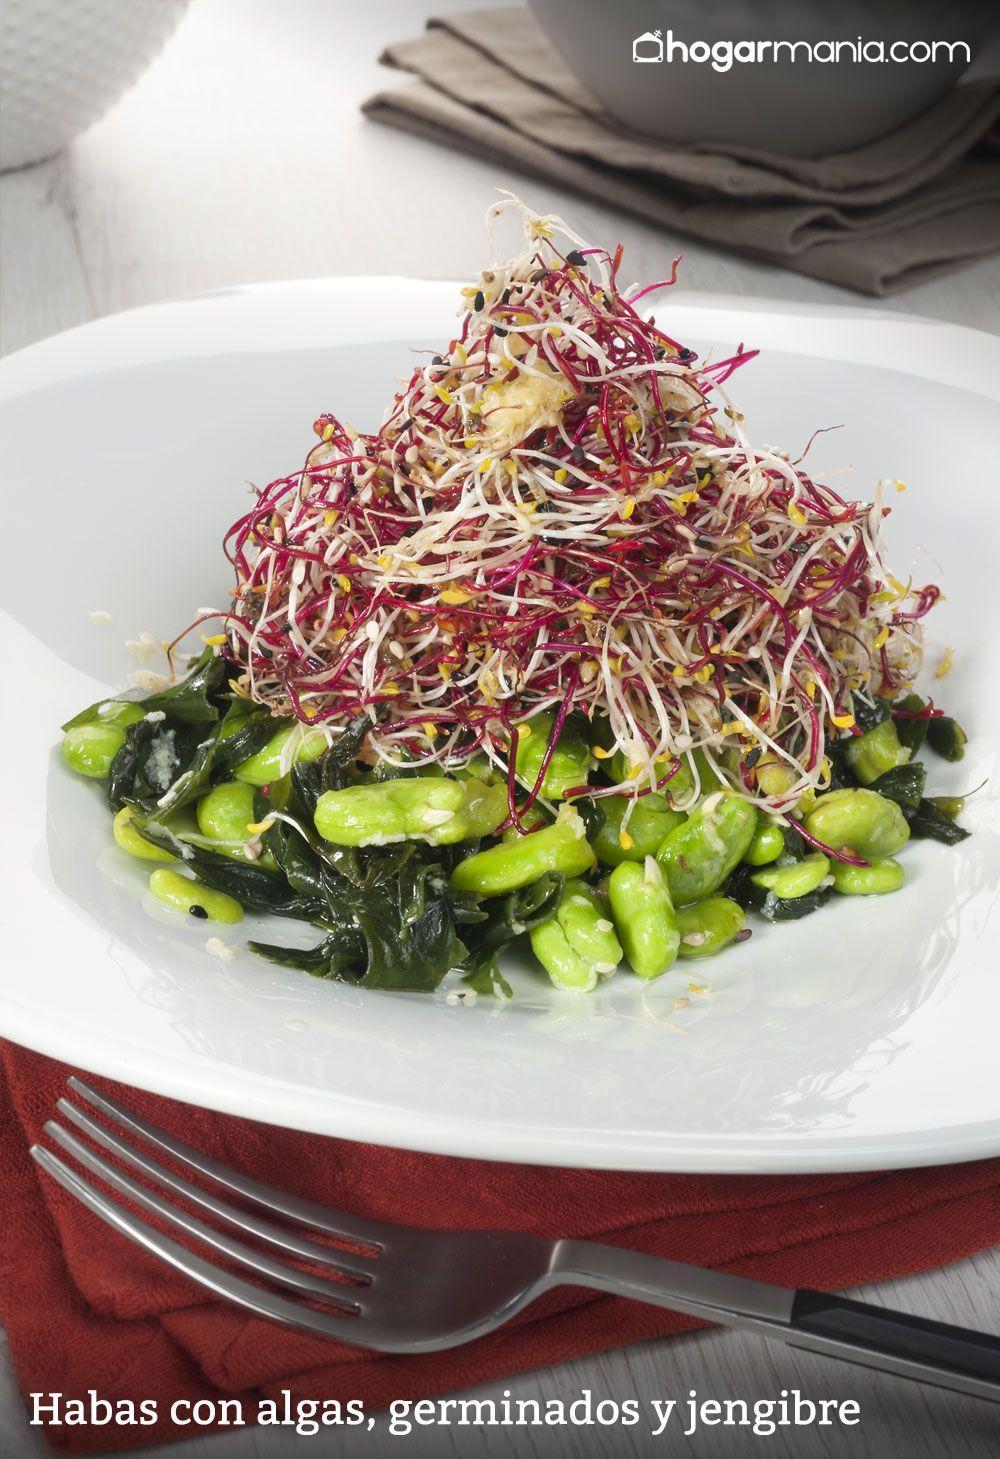 Habas con algas, germinados y jengibre